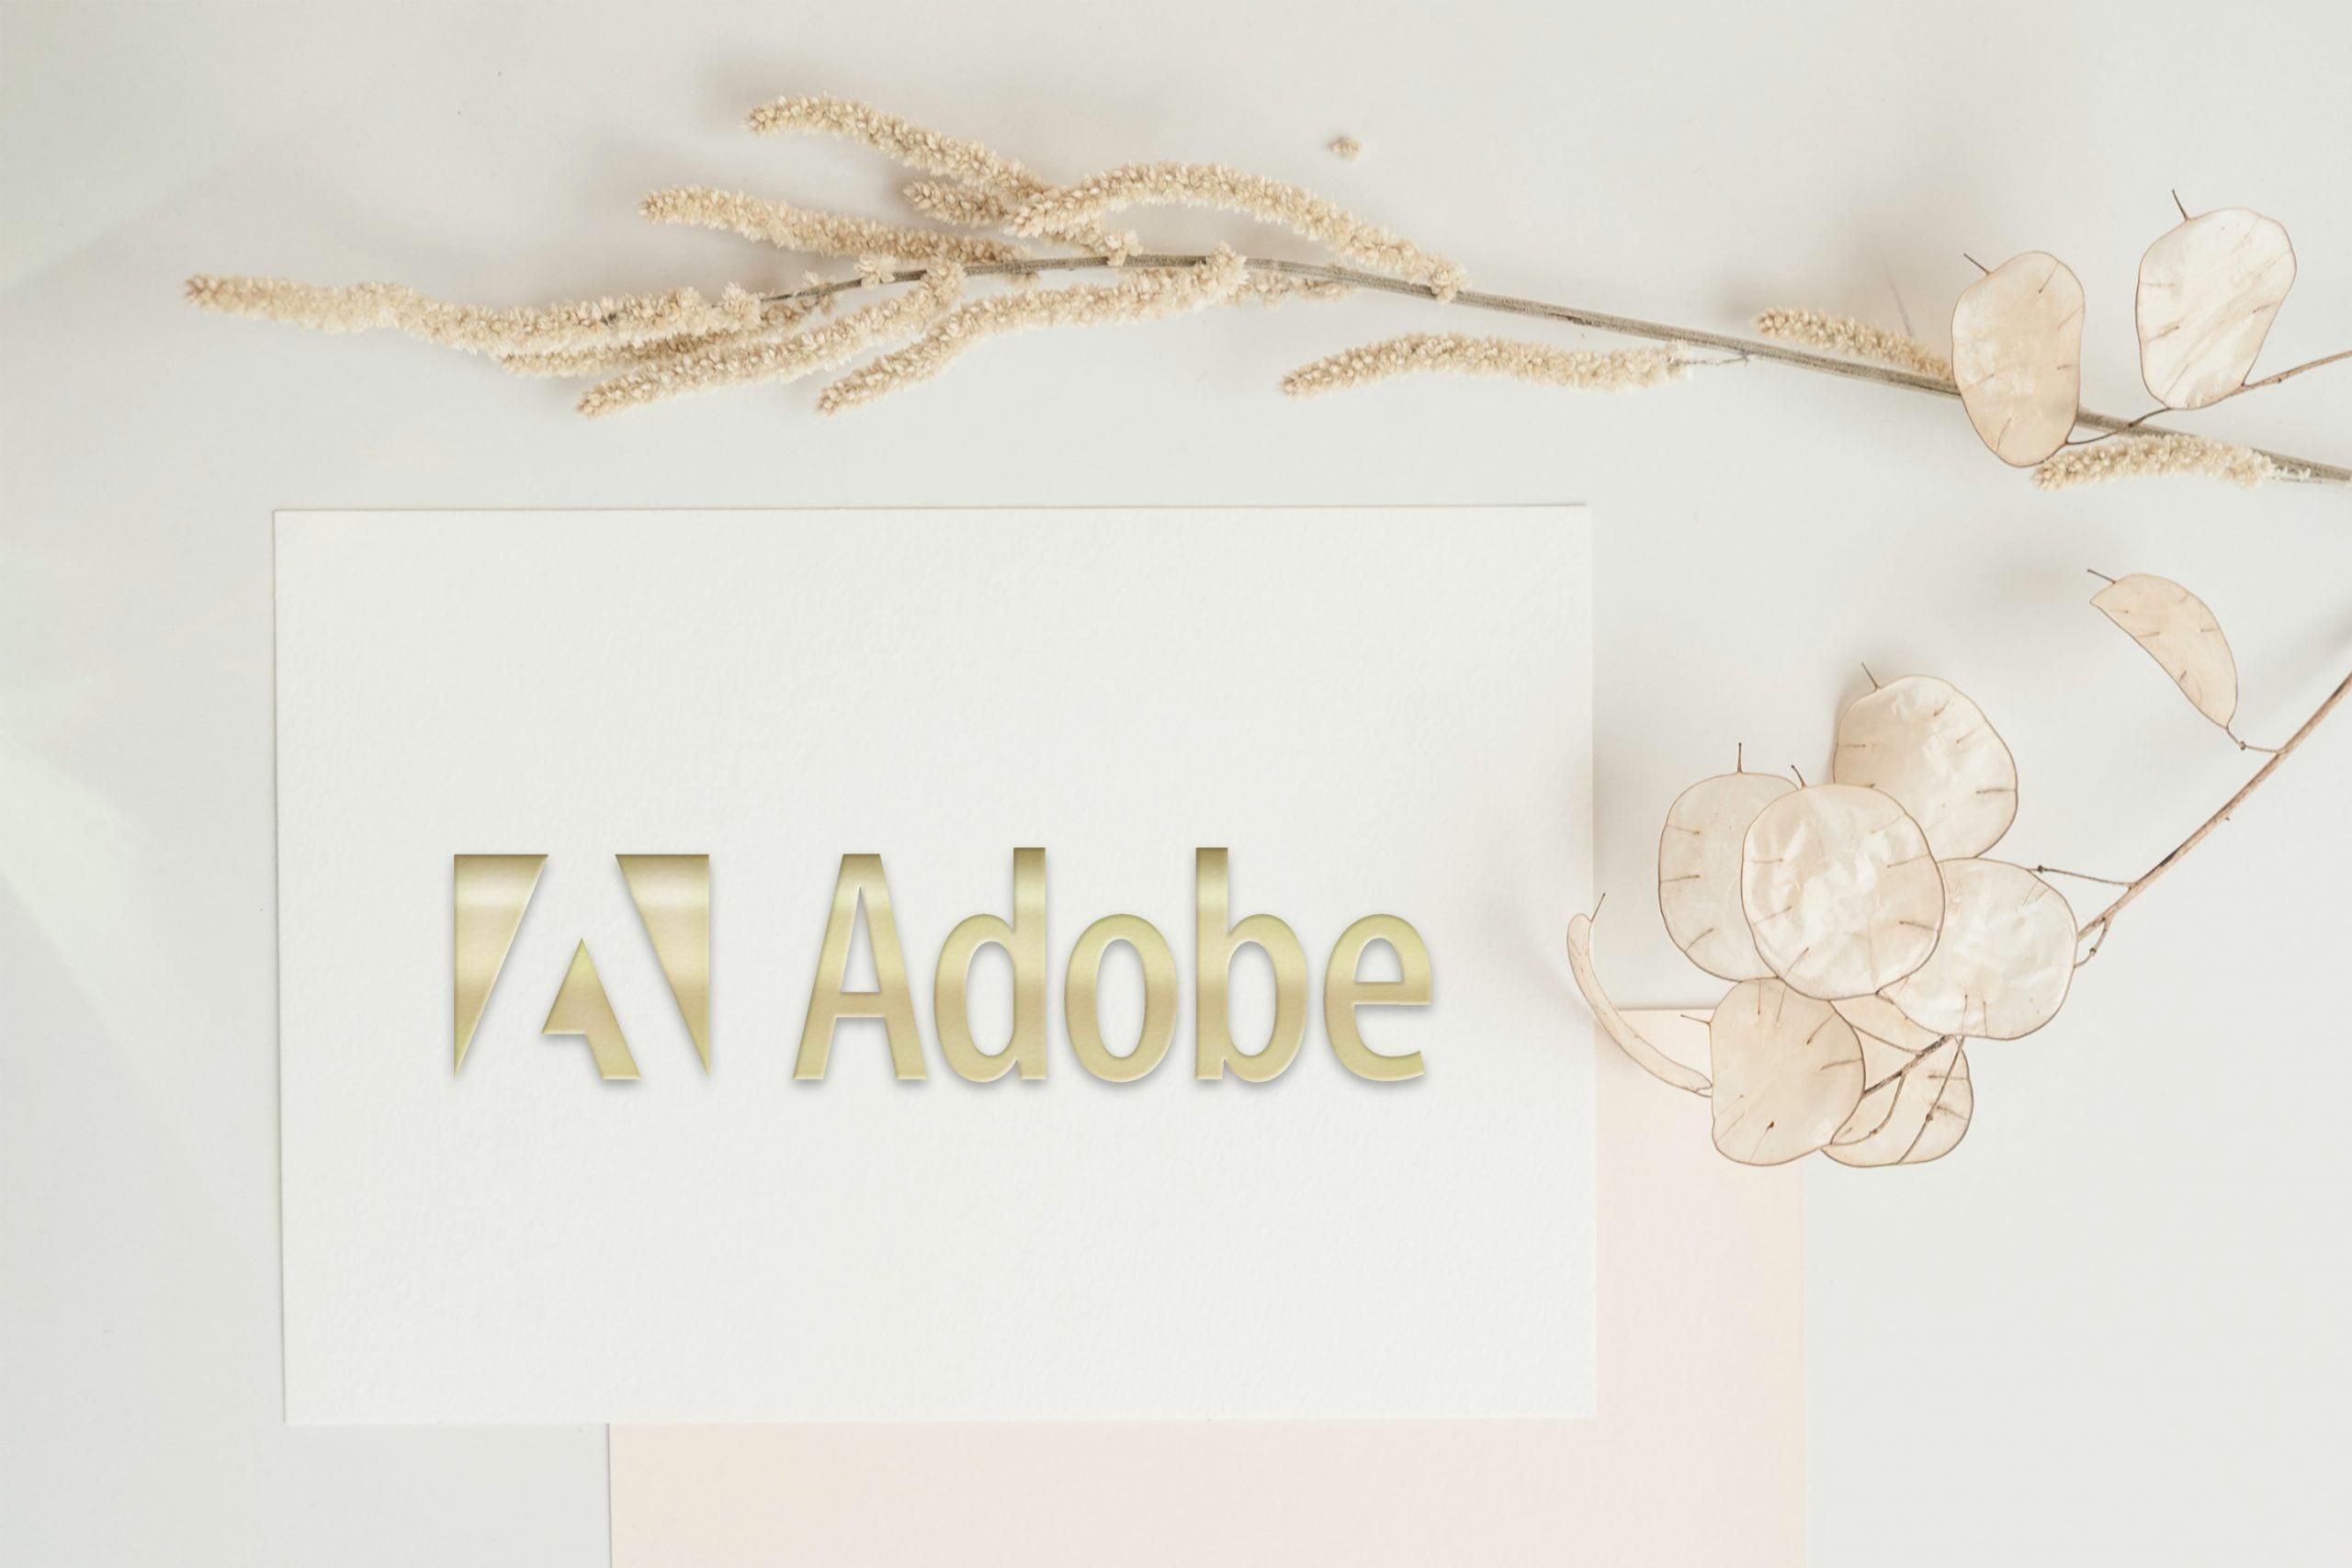 3D Embossed Golden Logo Card Mockup Free PSD